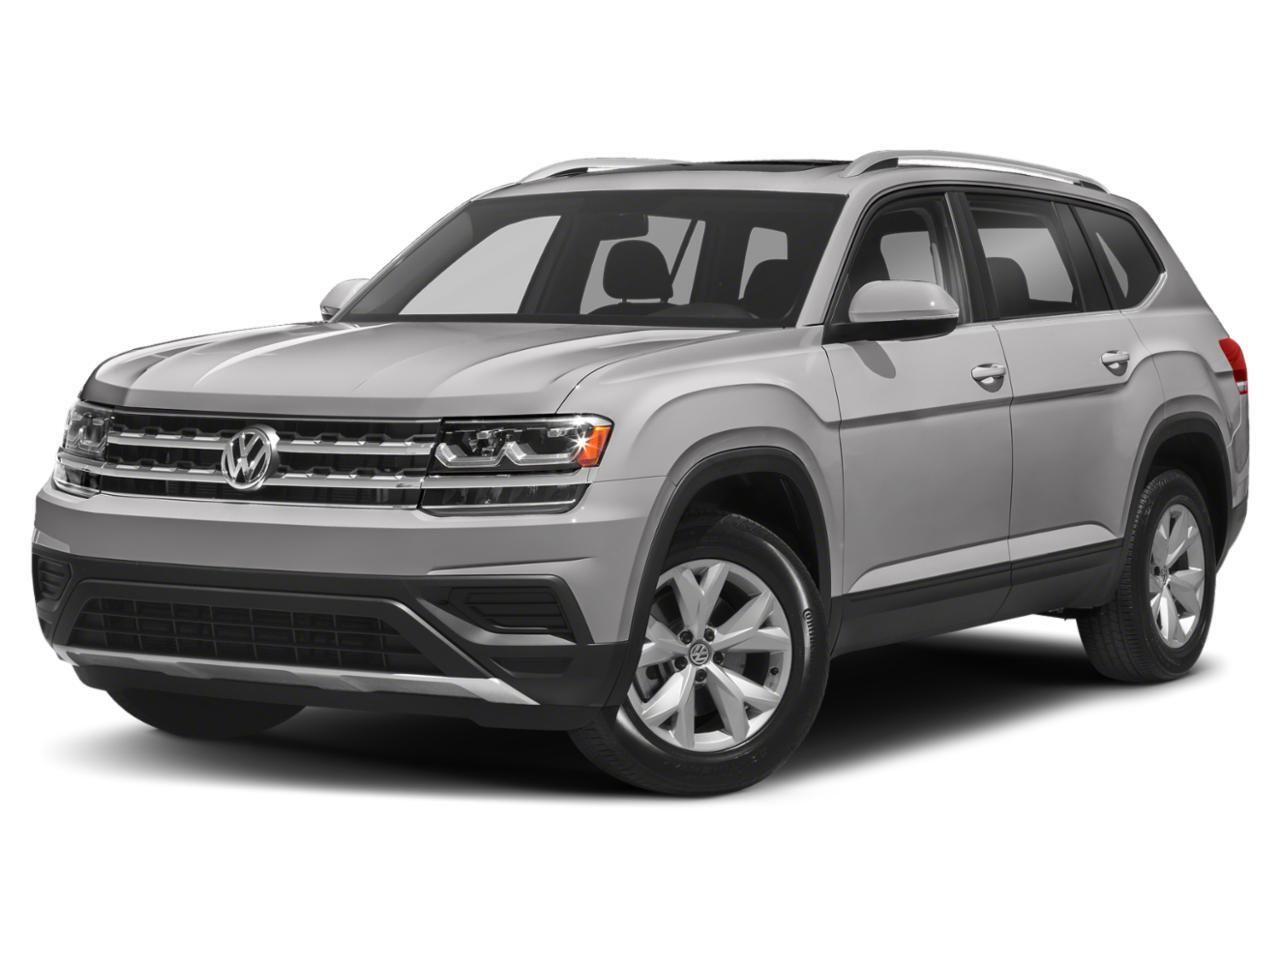 2018 Volkswagen Atlas Image